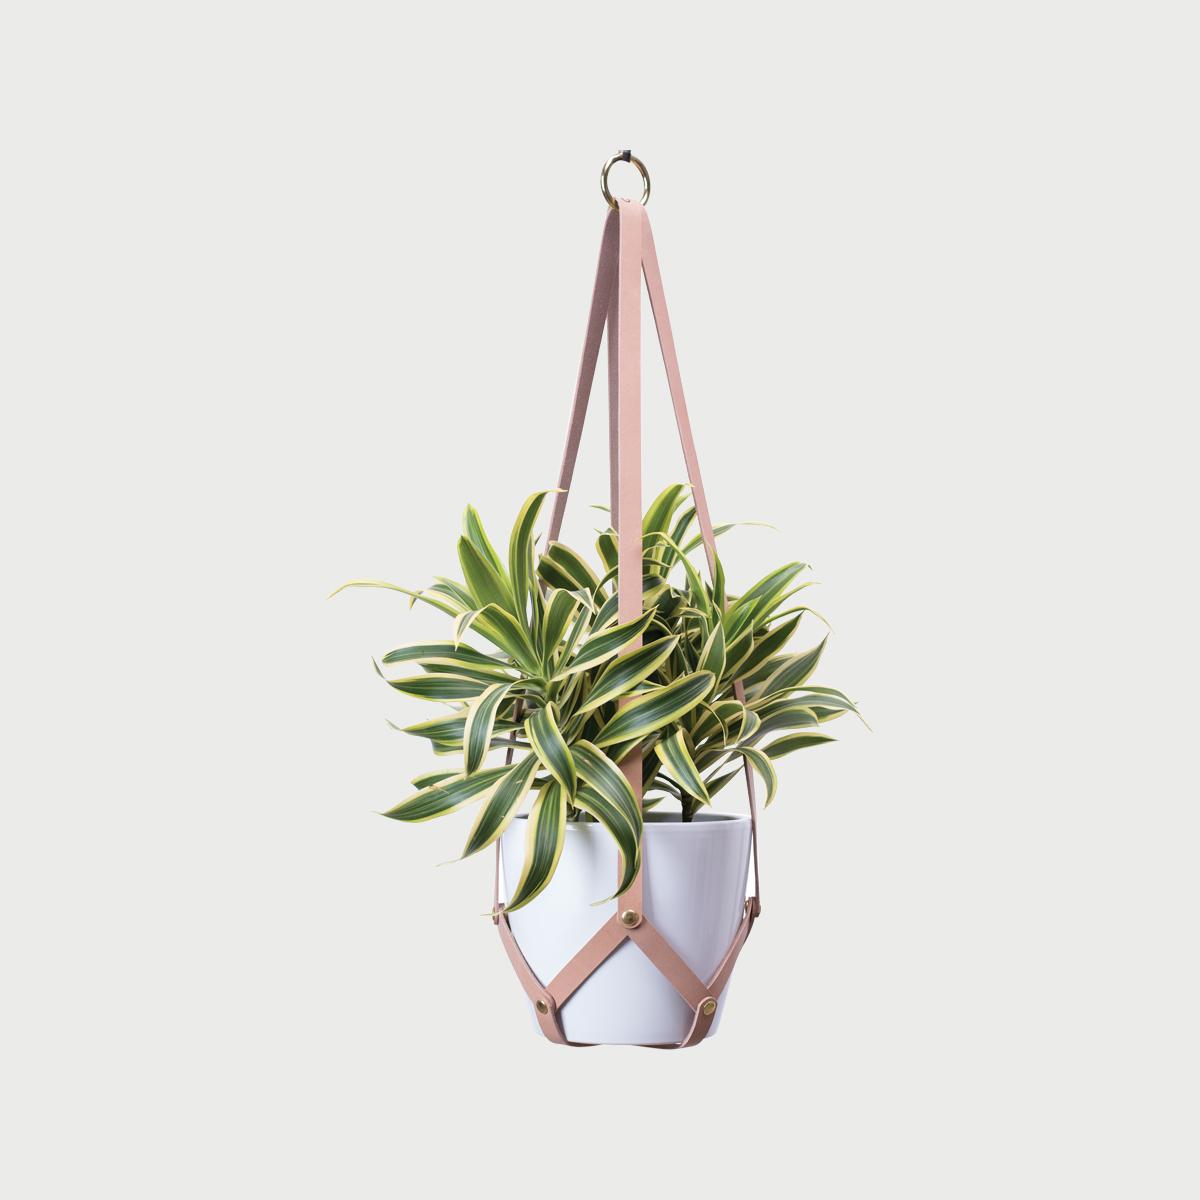 Hanging planter tan white pot 1 281 29